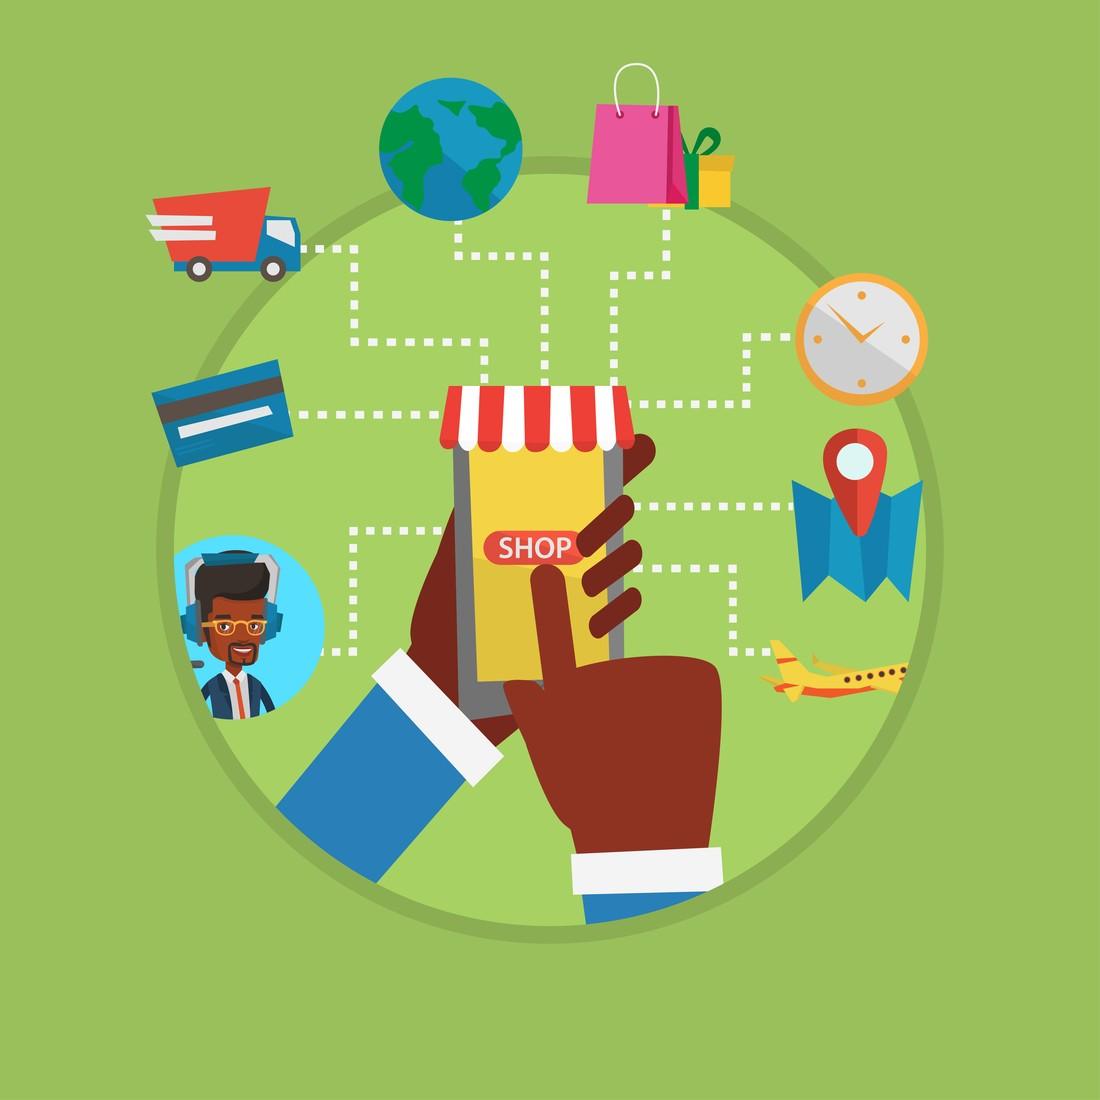 Securing website for online shoppers